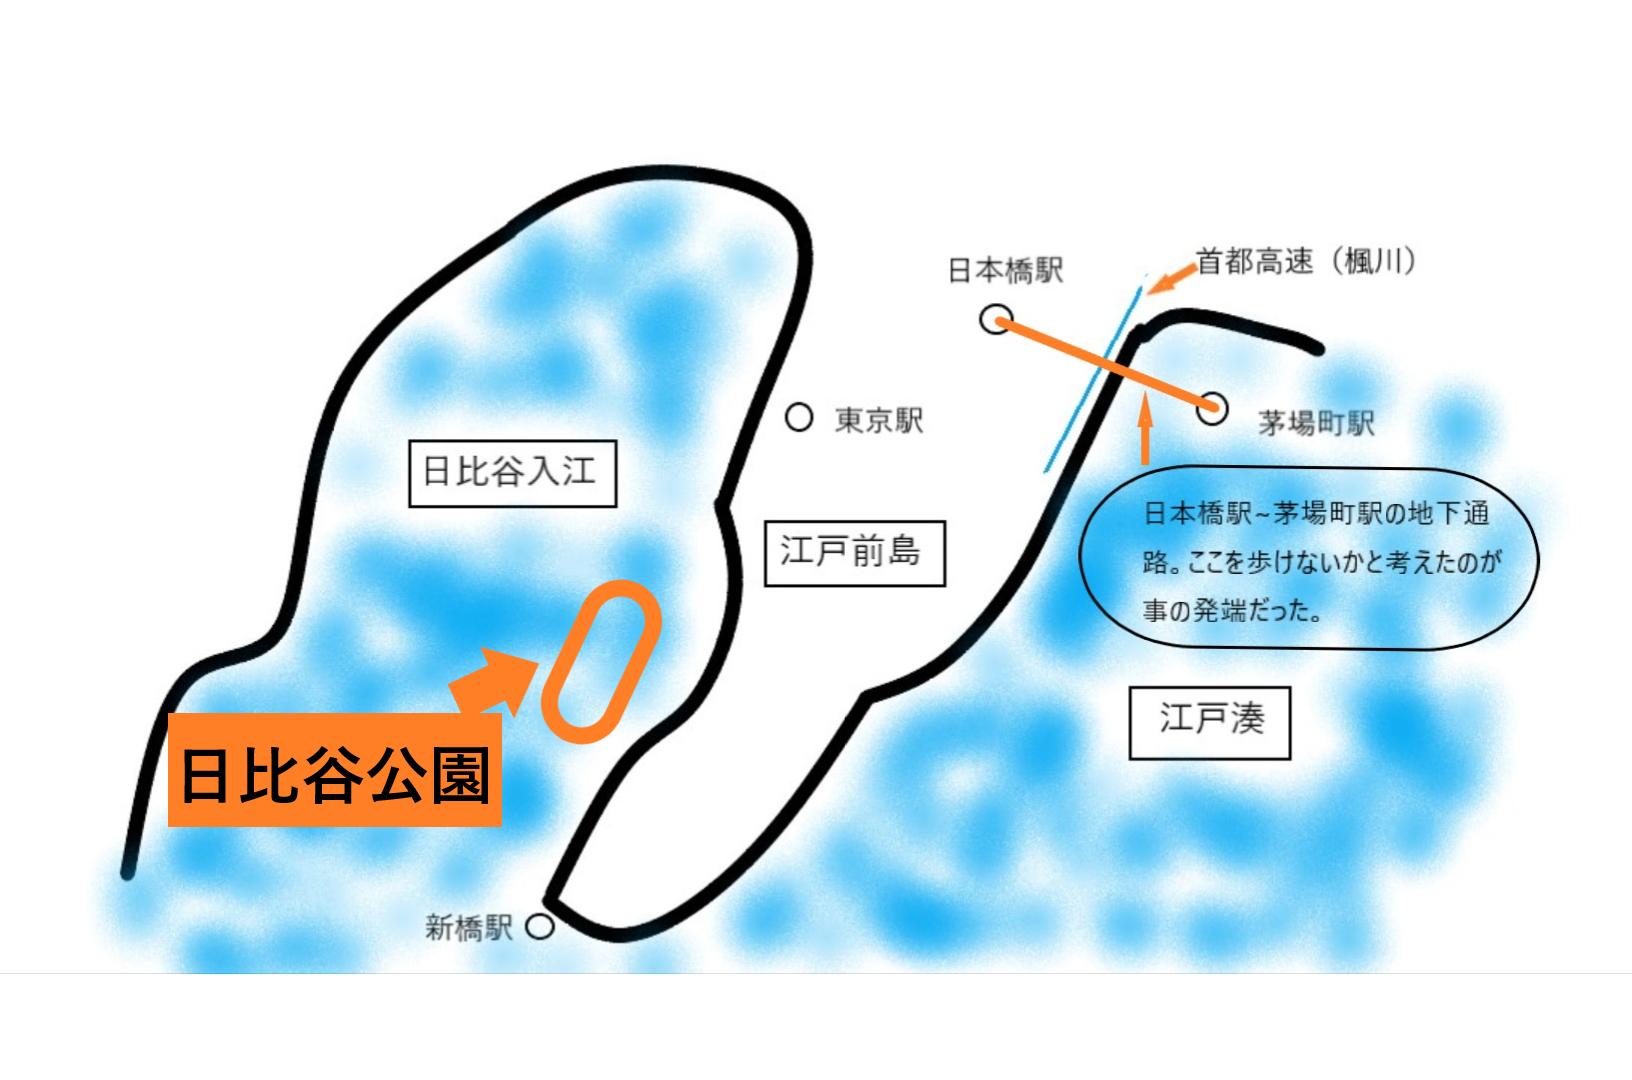 日比谷公園と日比谷入江 パークサイドダイナー記事